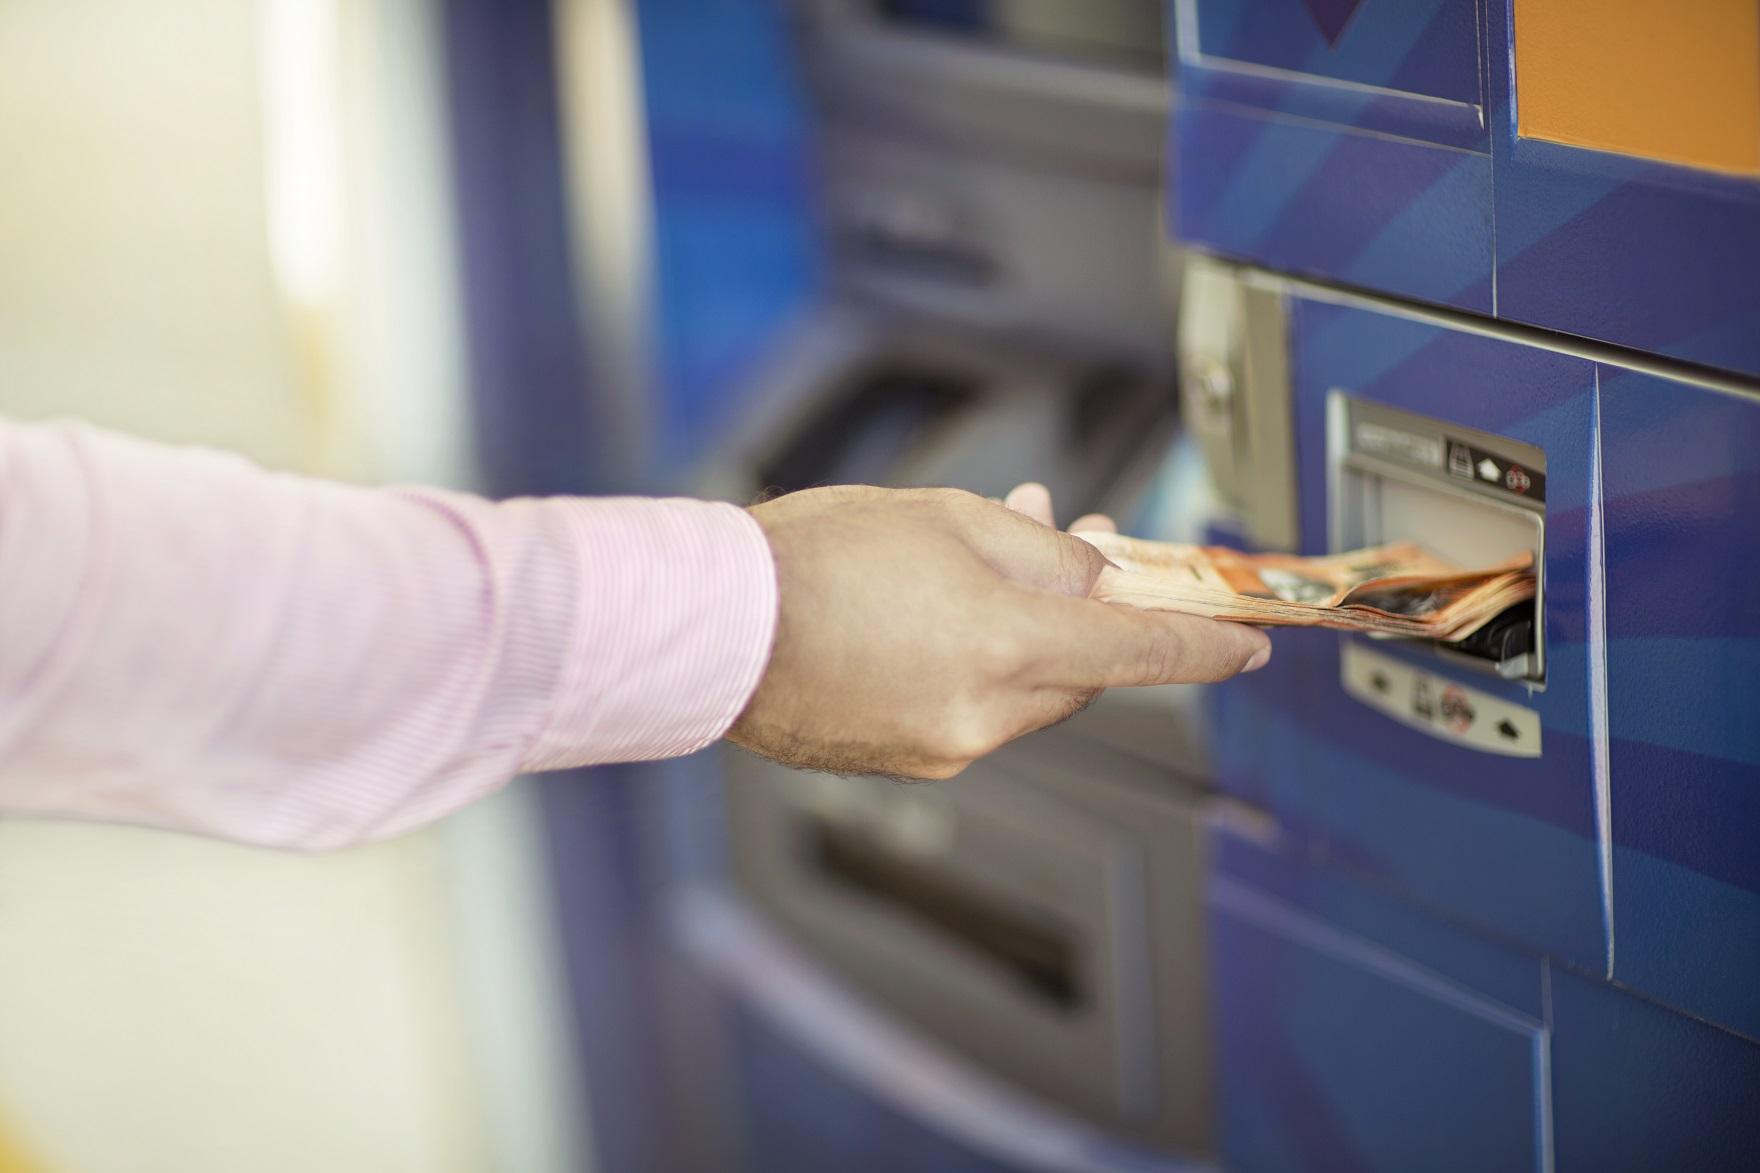 El Banco Central indica que la recarga mensual de efectivo en los cajeros automáticos aumentó en 12.8% de septiembre a octubre.